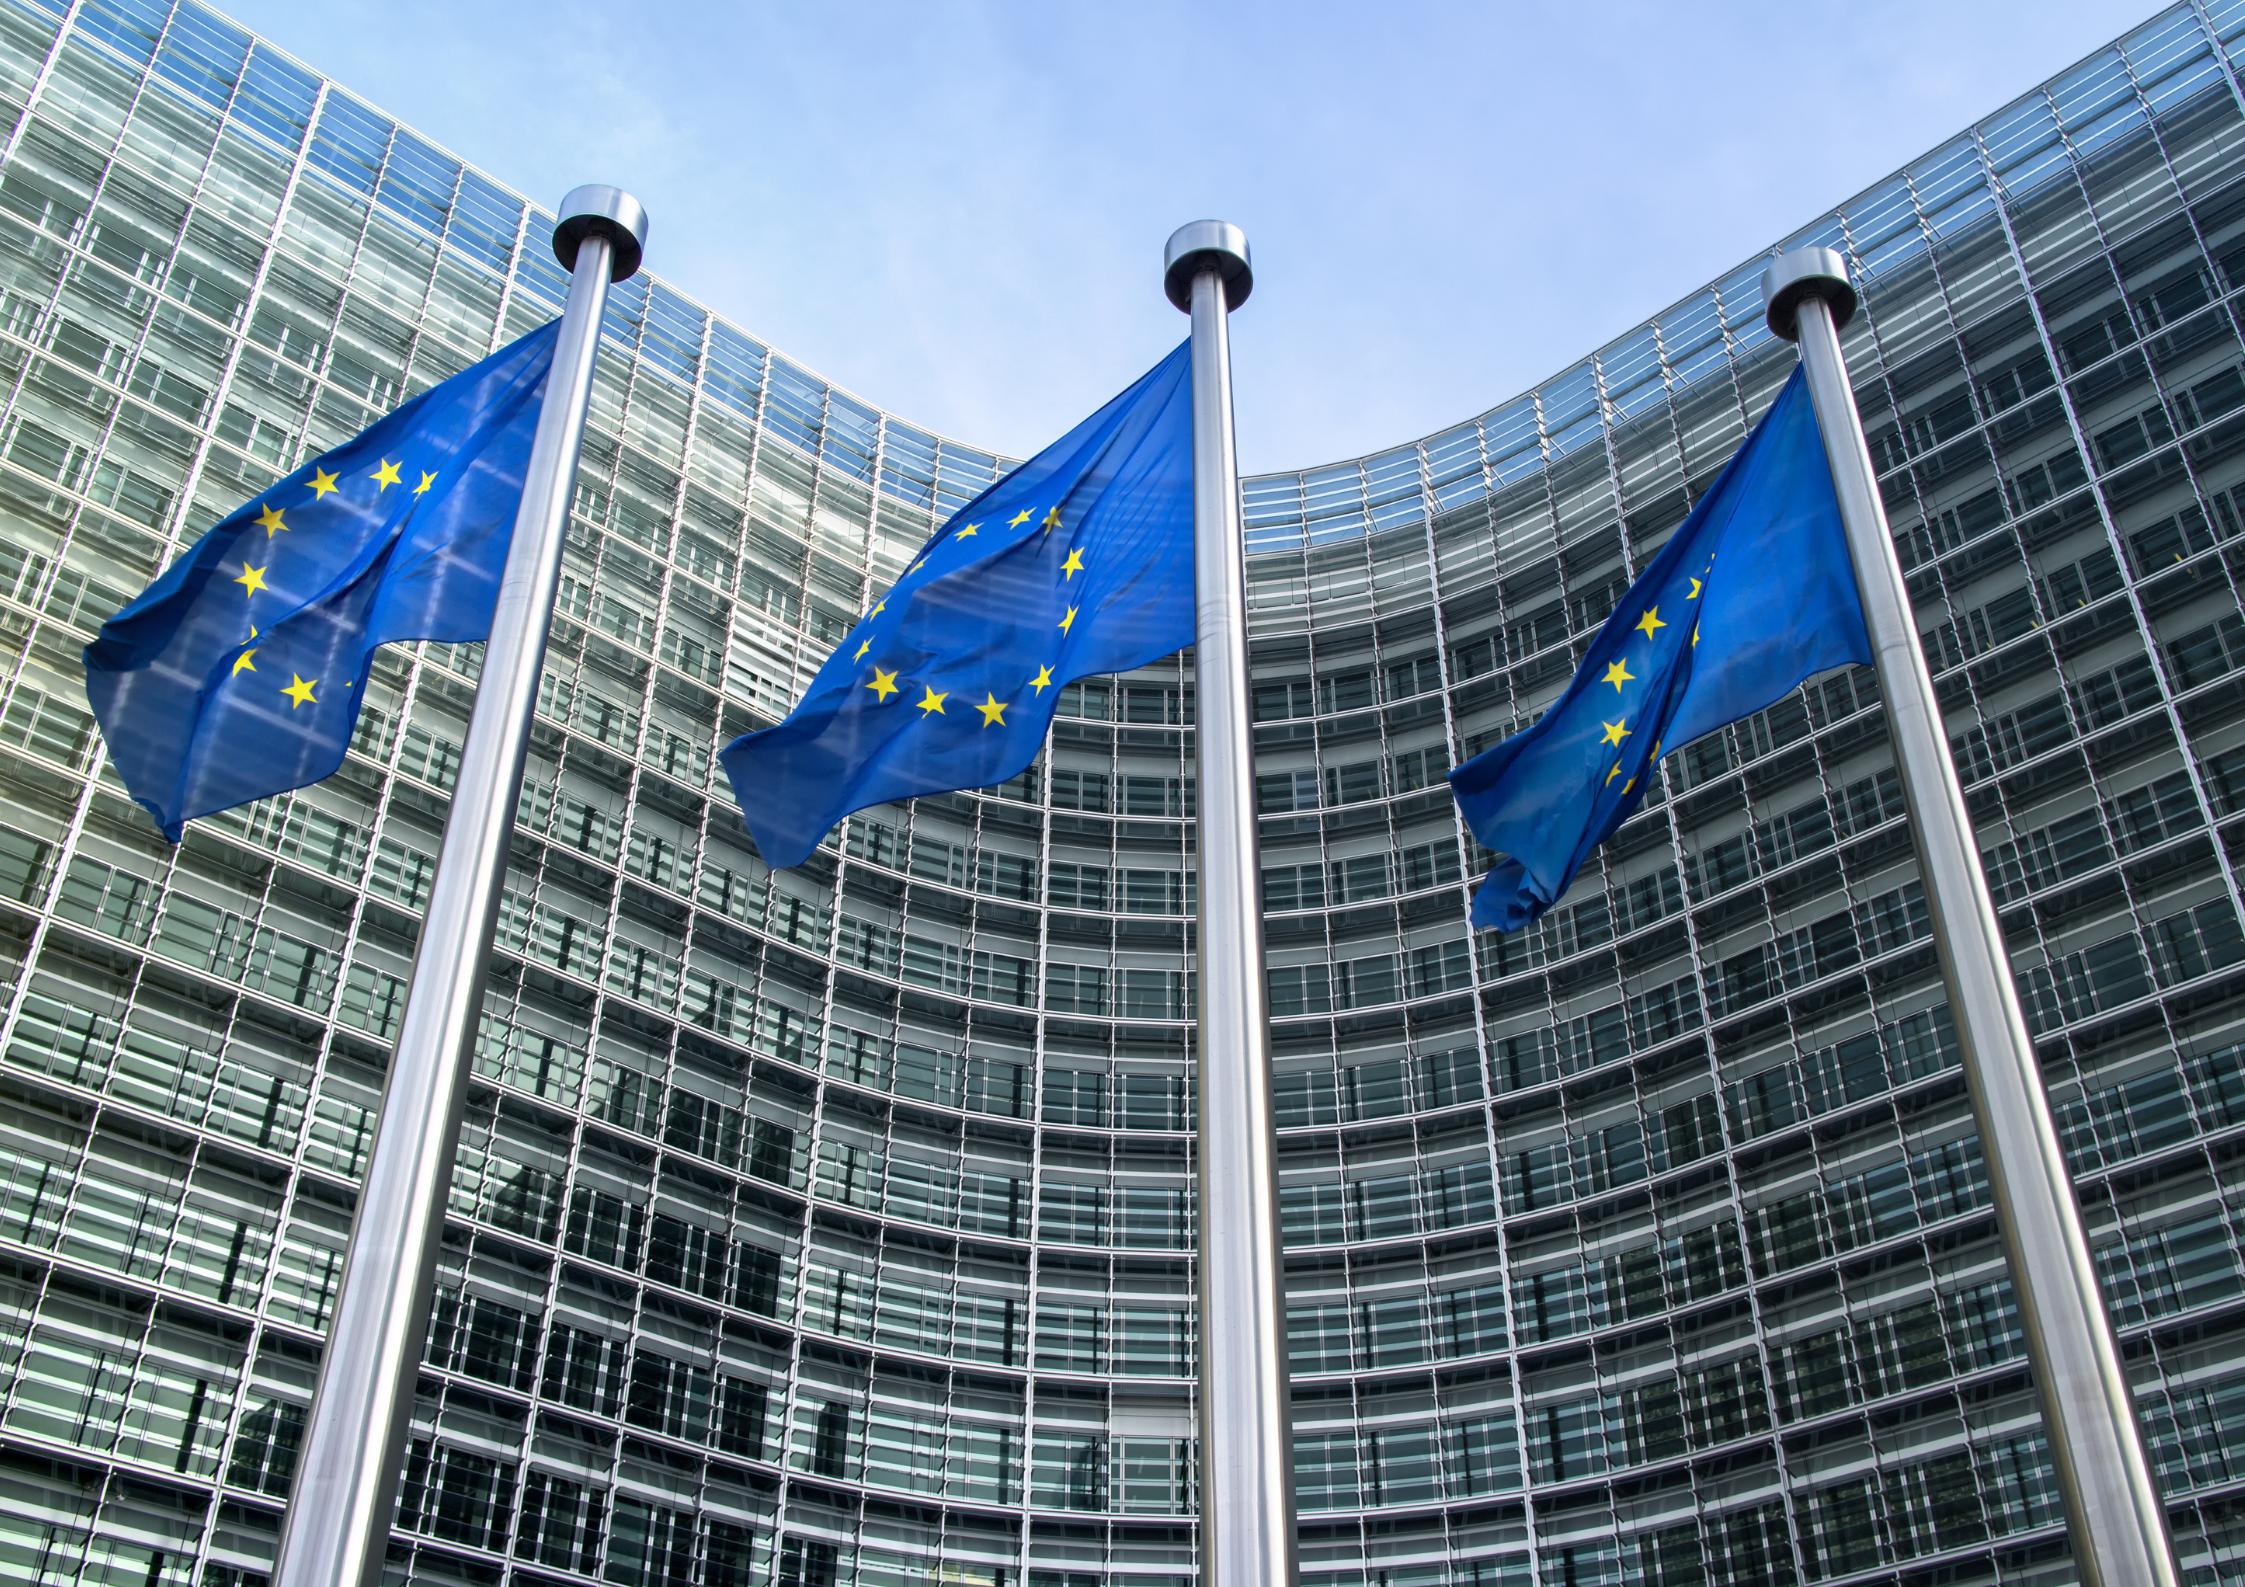 L'Europe embourbée dans le Traité sur la Charte de l'Énergie